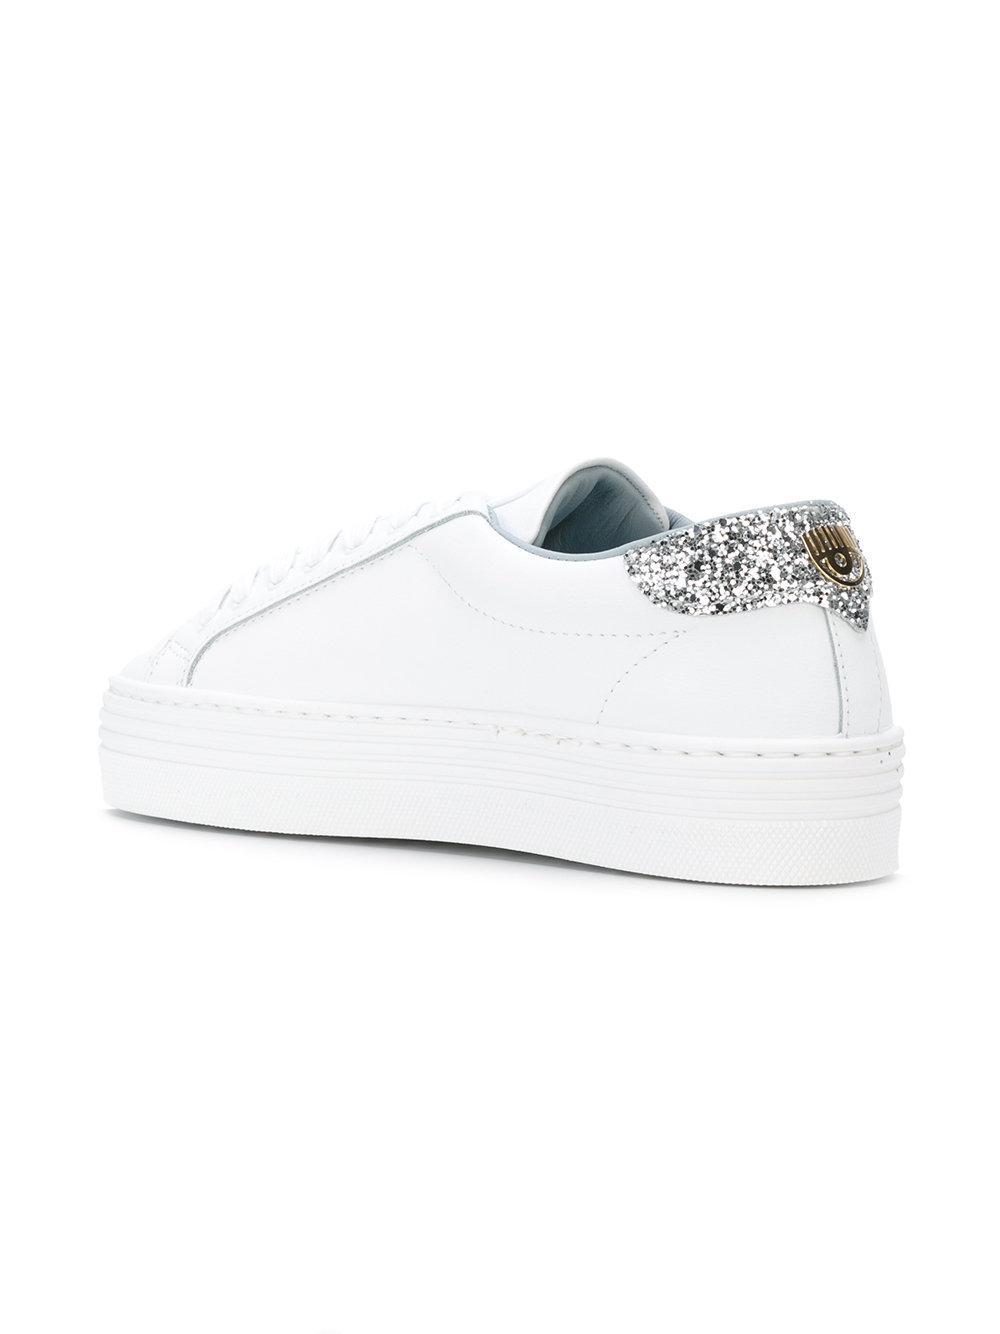 Chiara Ferragni Leather Logomania Sneakers in White